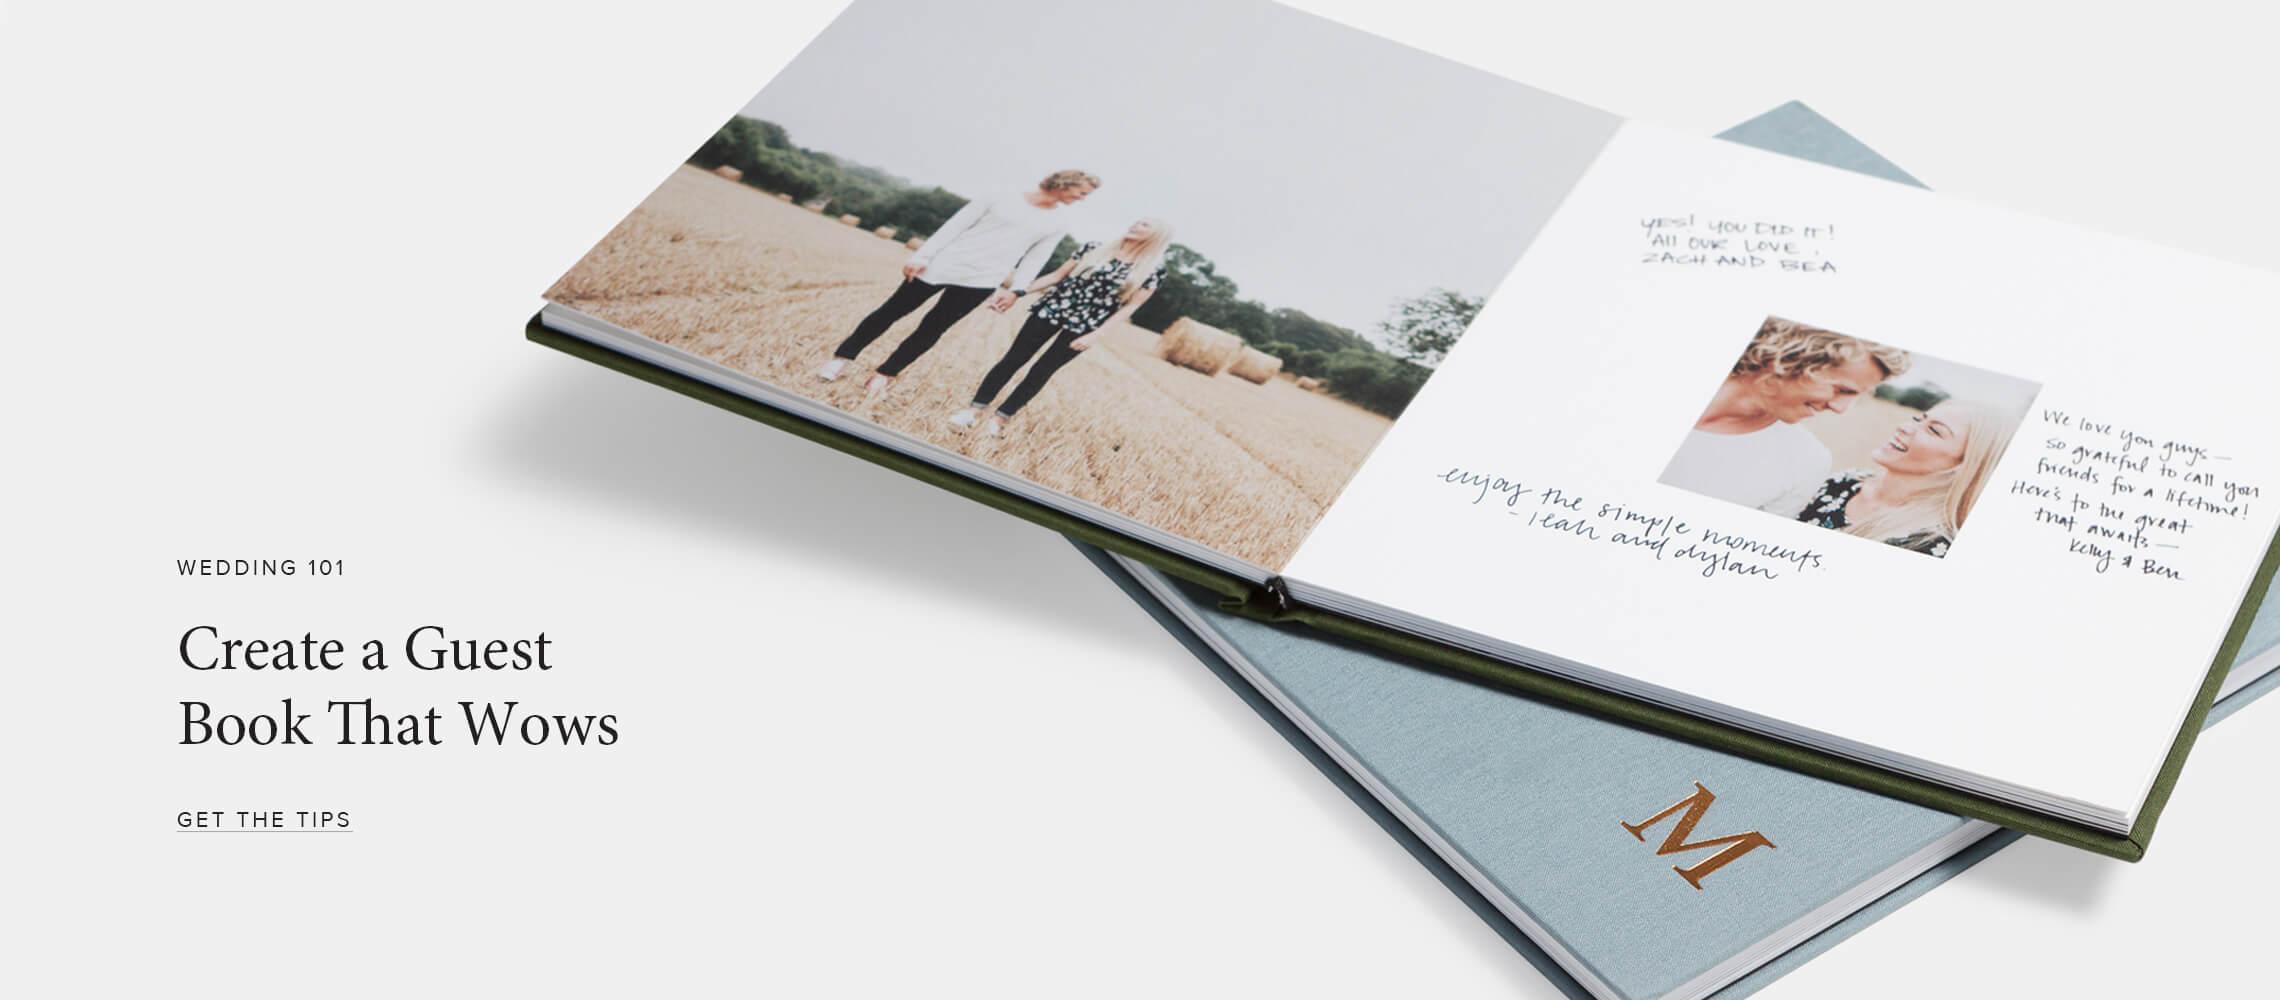 guest-book-banner01-create-a-guest-book-desktop_2x.jpg